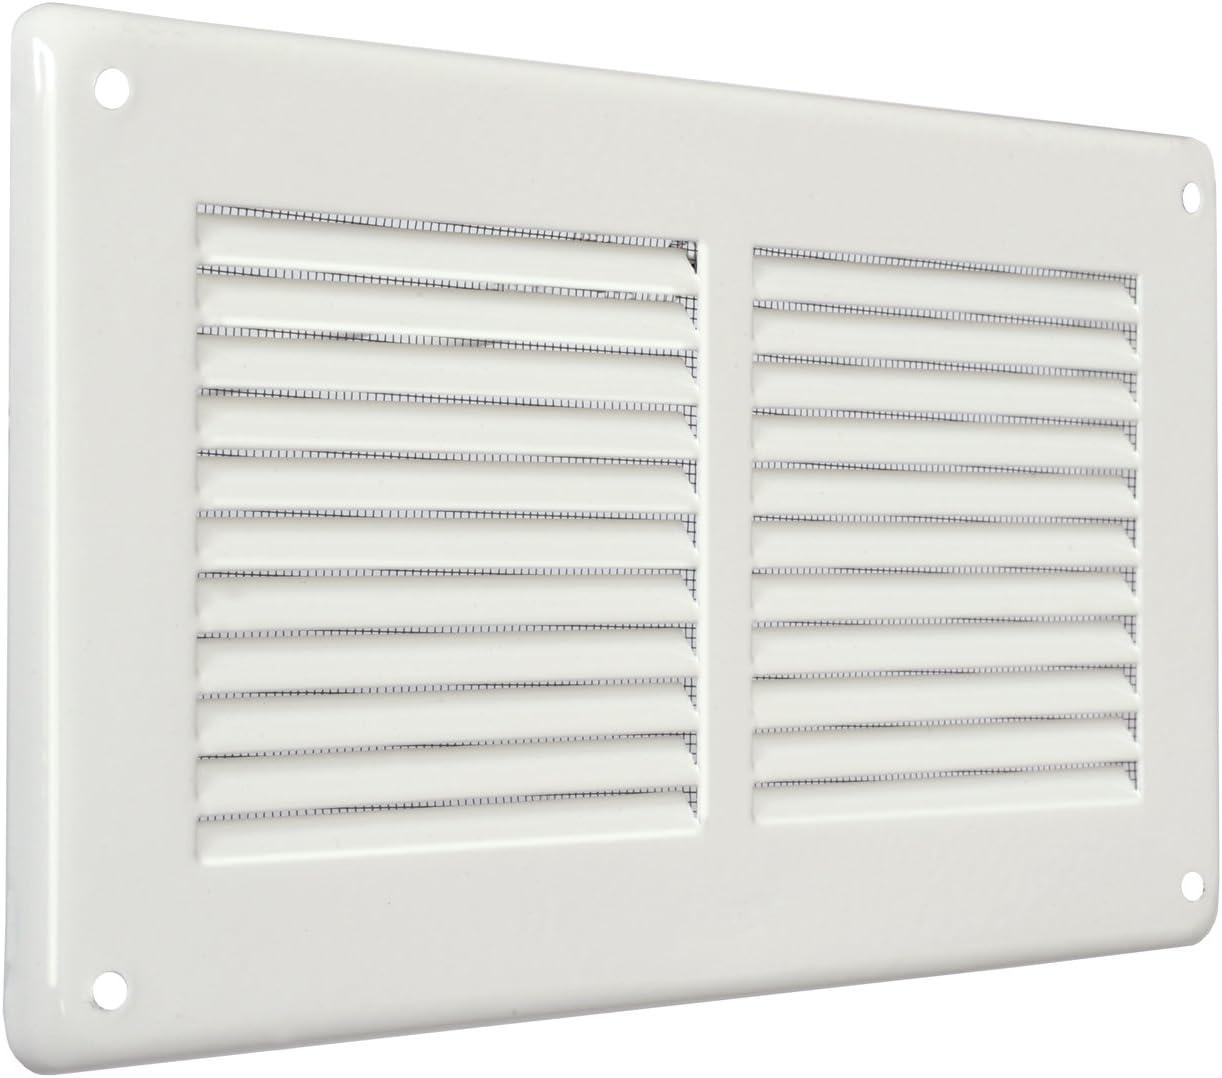 La ventilaci/ón gl20rb-y Rejilla rectangular de superponer blanco